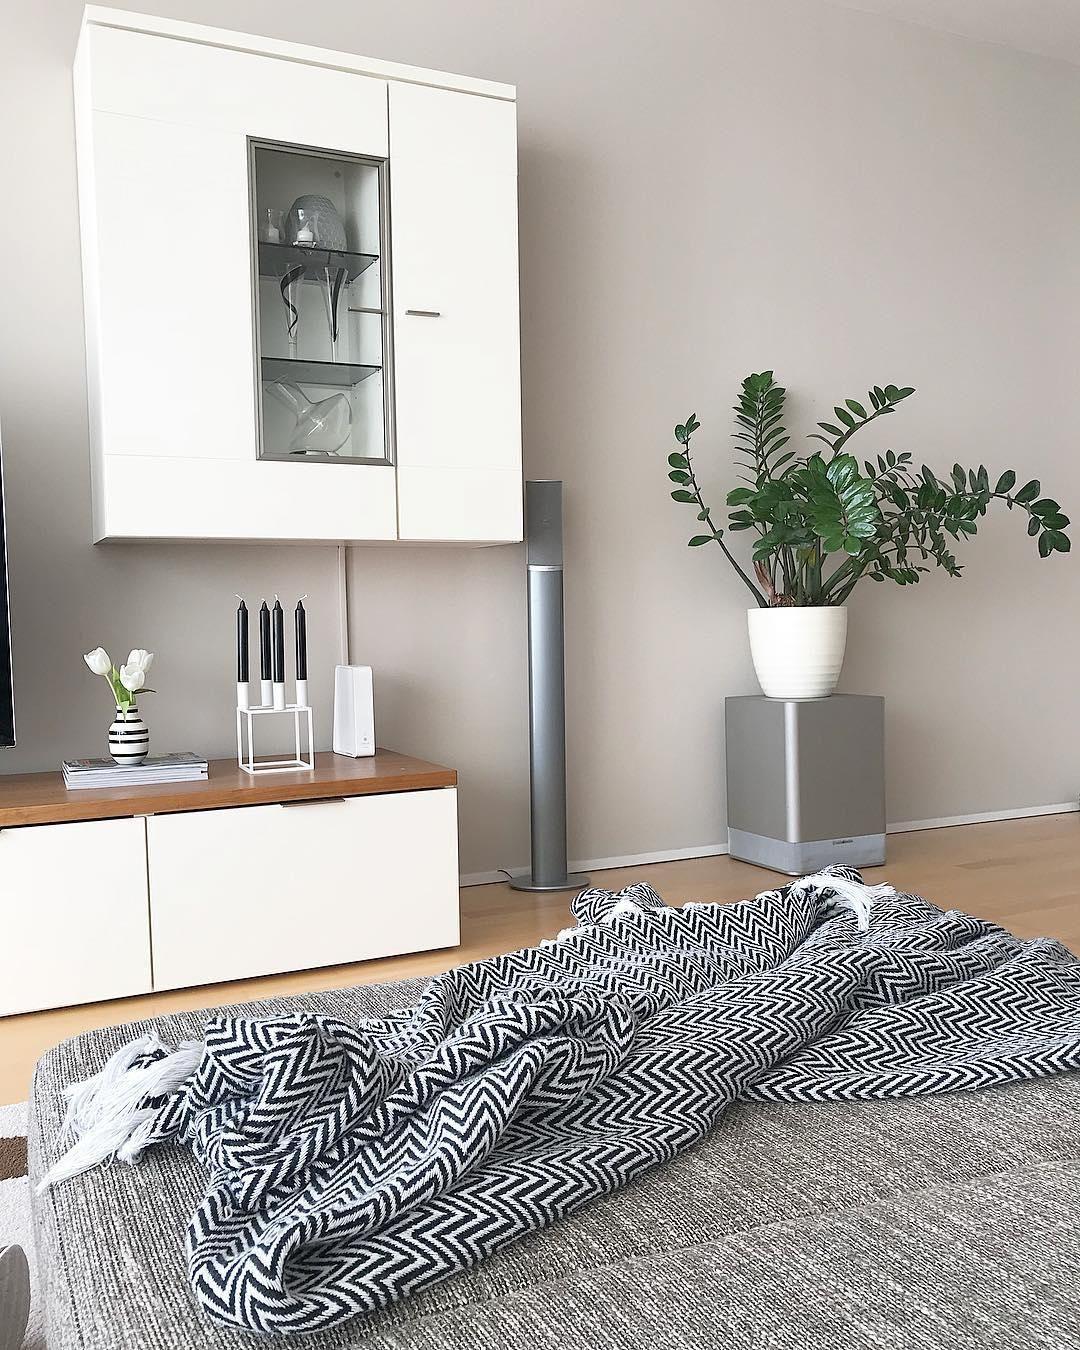 Tolles Dekoration Plaids Fur Sofas #21: Ein Super Bequemes Sofa, Tolle Deko-Accessoires Und Das Kuschelige Plaid  Zigzag Sorgen Für Eine Ganz Besondere Stimmung!